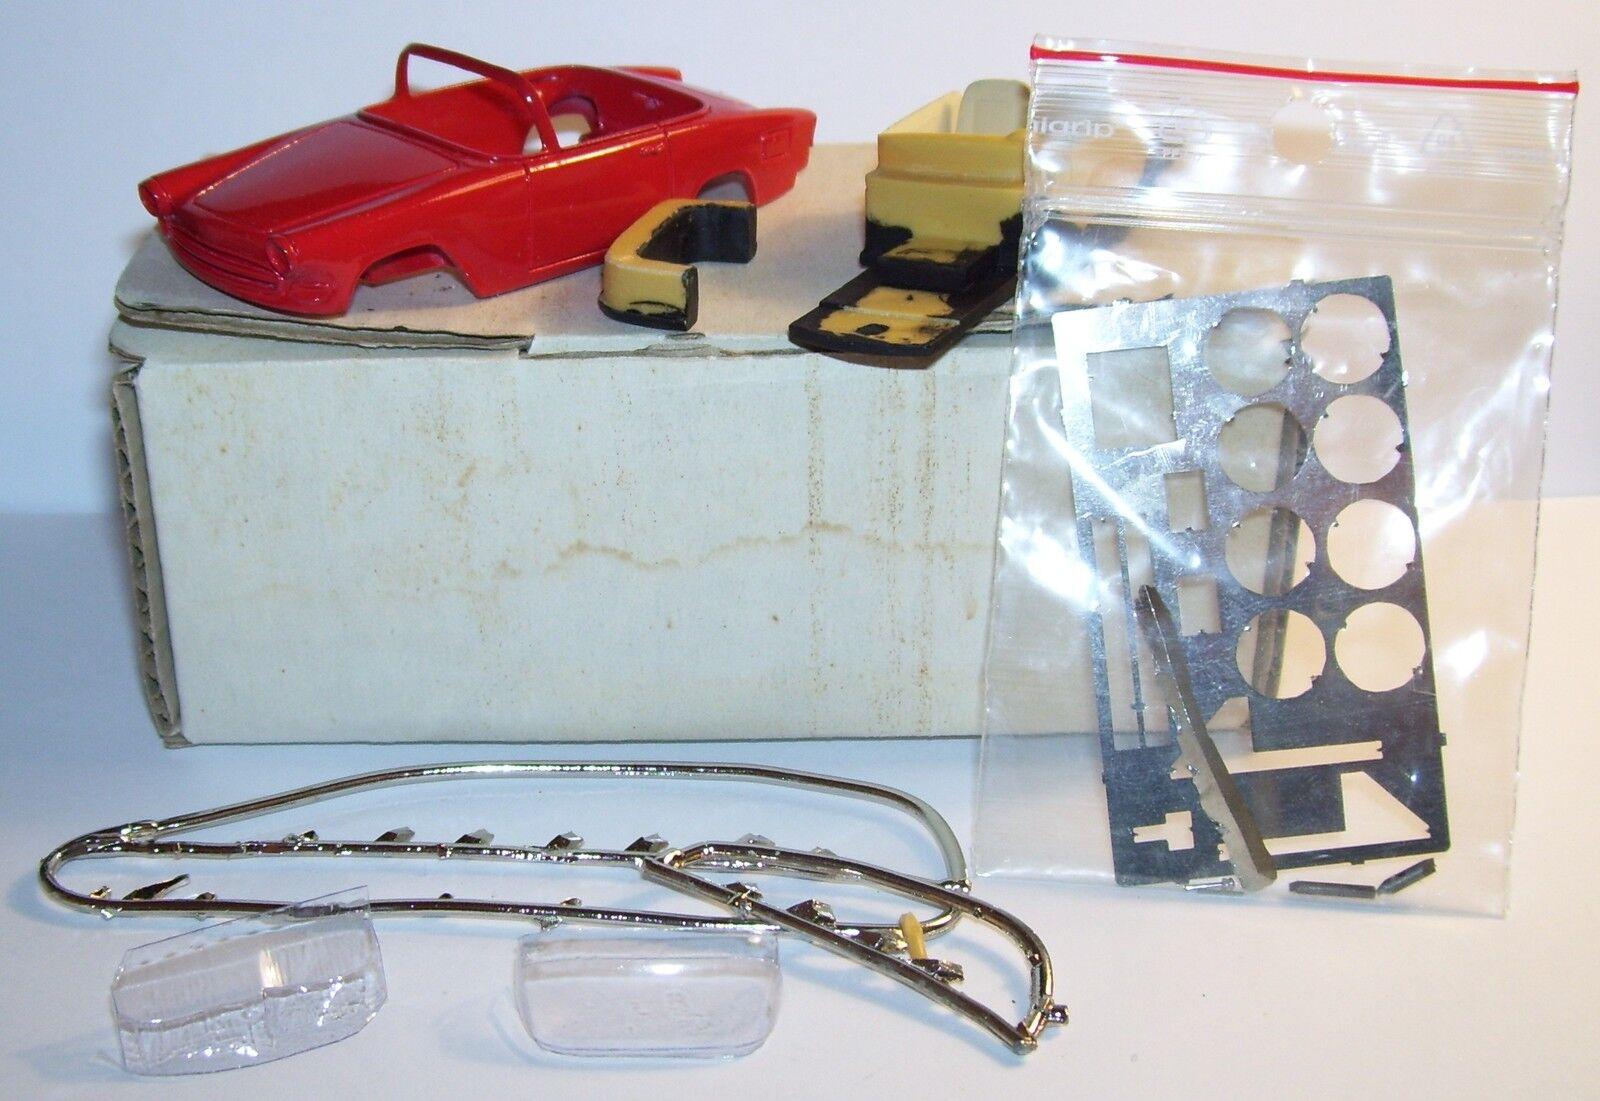 RARE HECO MODELS KIT RESIN SIMCA P60 OCEAN to assemble REF 77K 1 43 IN BOX